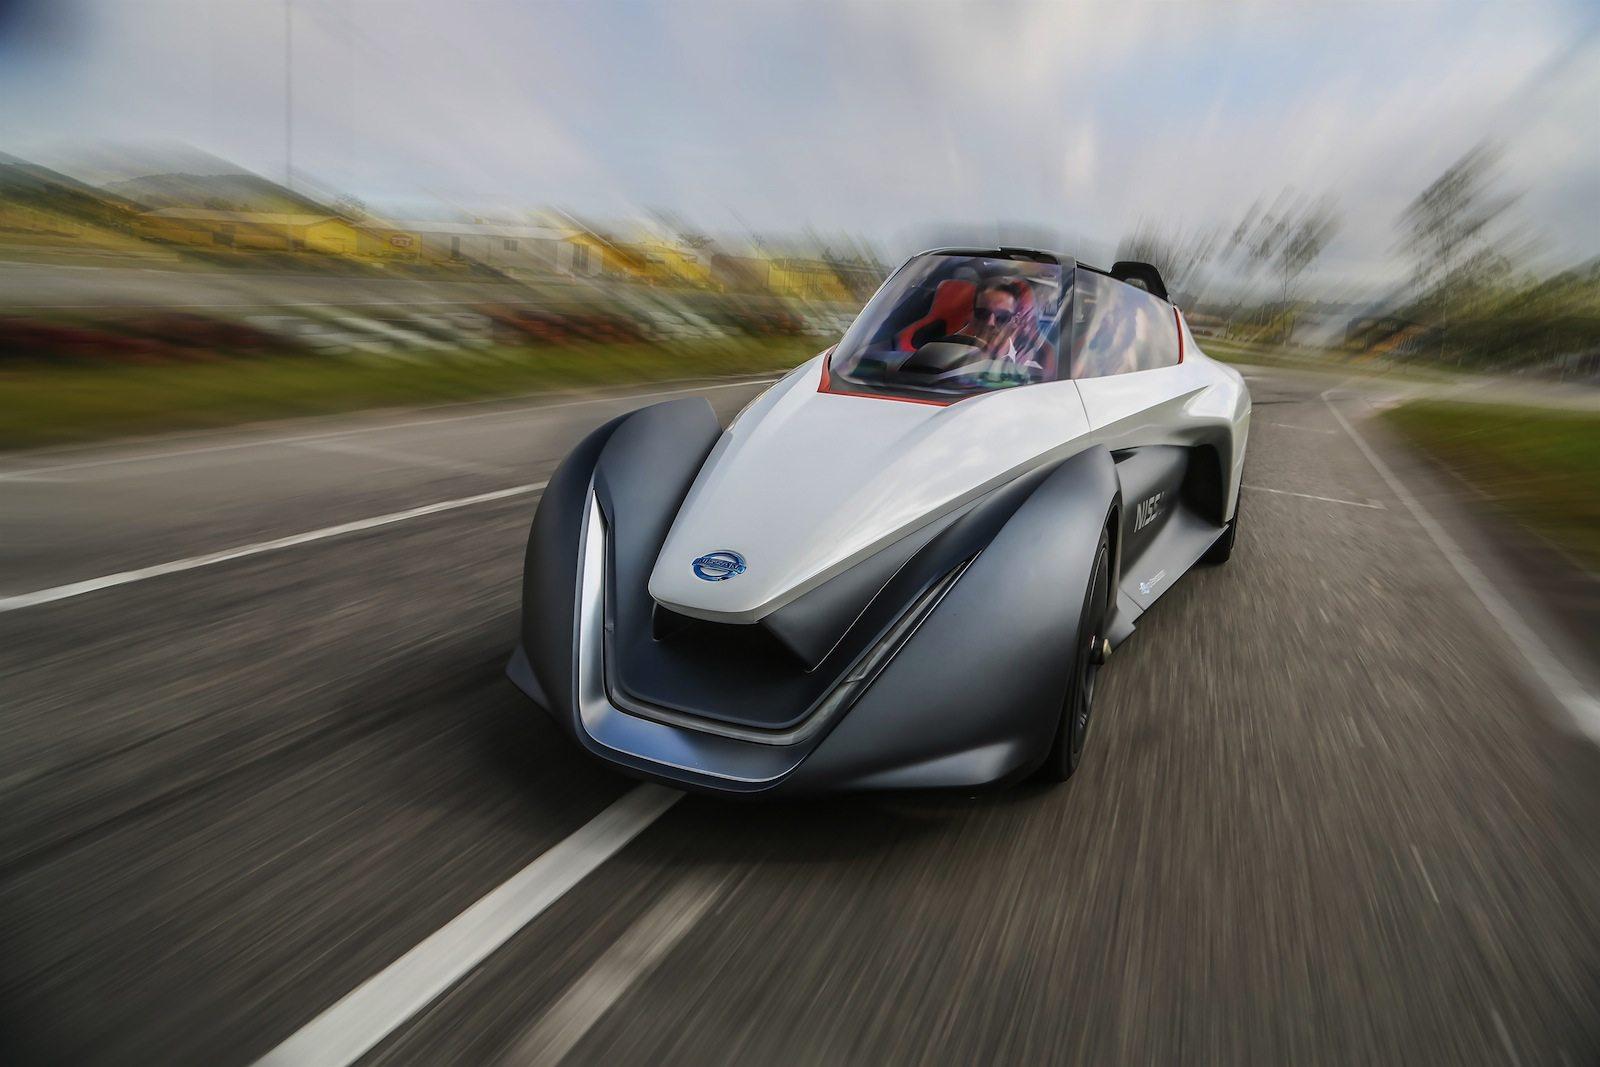 Schemi Elettrici Nissan : Piccola elettrica futurista nissan bladeglider motorage new